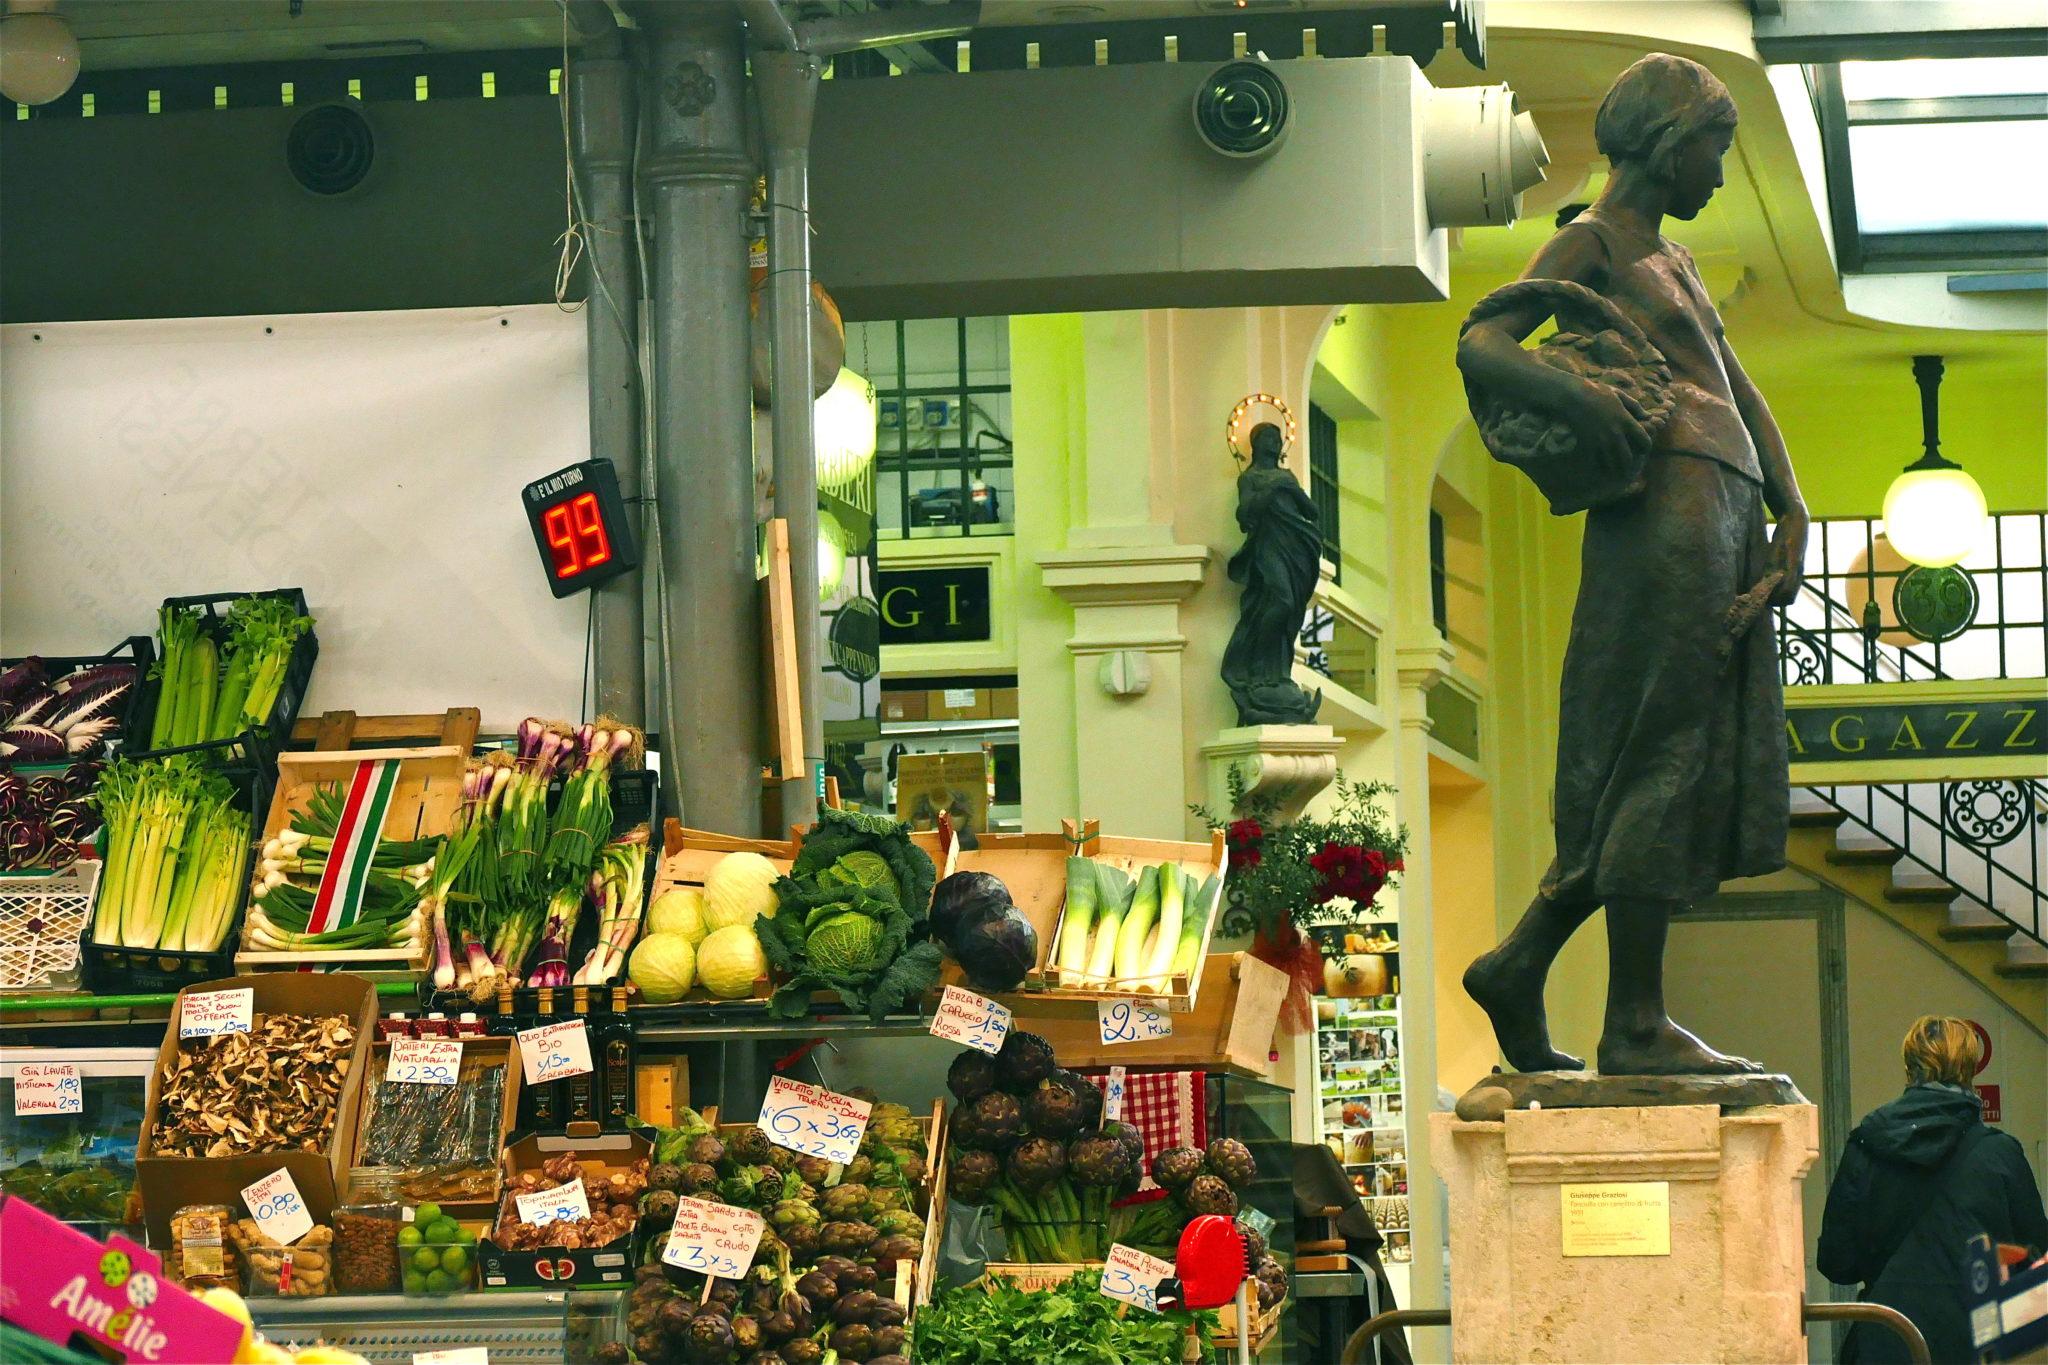 Dal mercato medioevale Albinelli a nuovi spazi dedicati all'arte visiva, fino a vecchie latterie e caffè. L'itinerario del fotografo Daniele Affranti